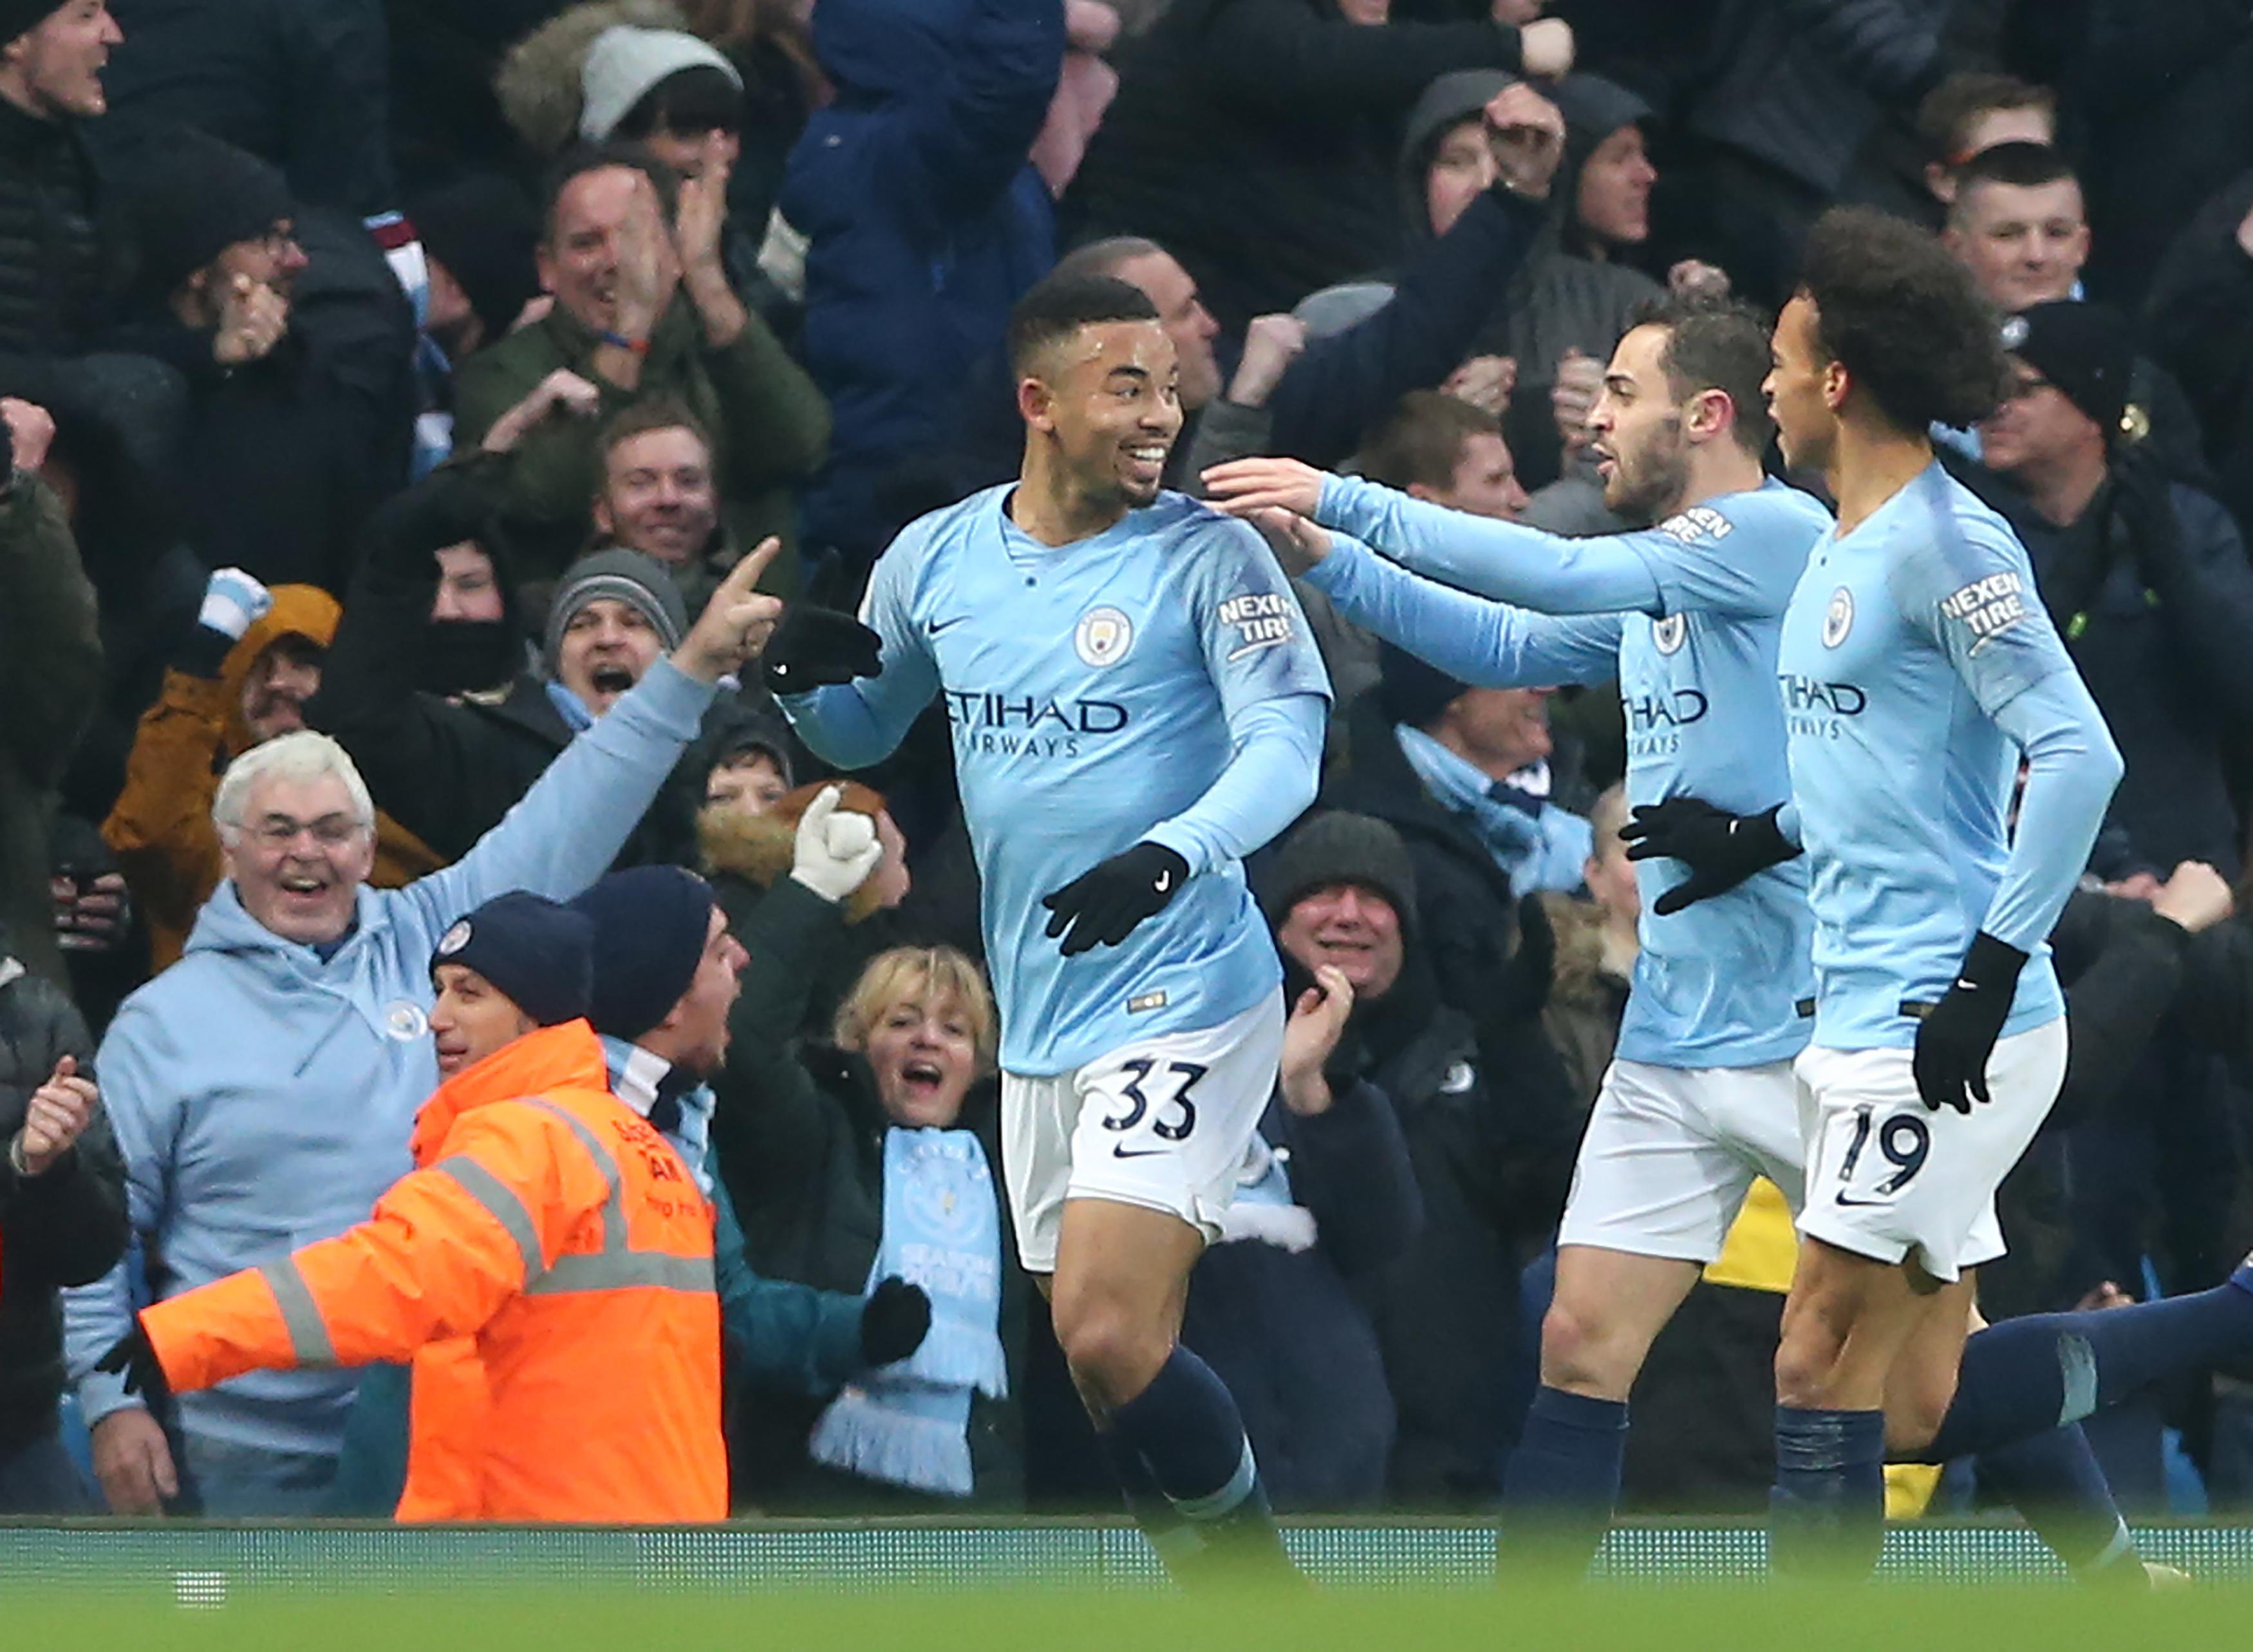 Manchester City vence Everton, de Marco Silva, e assume provisoriamente a liderança